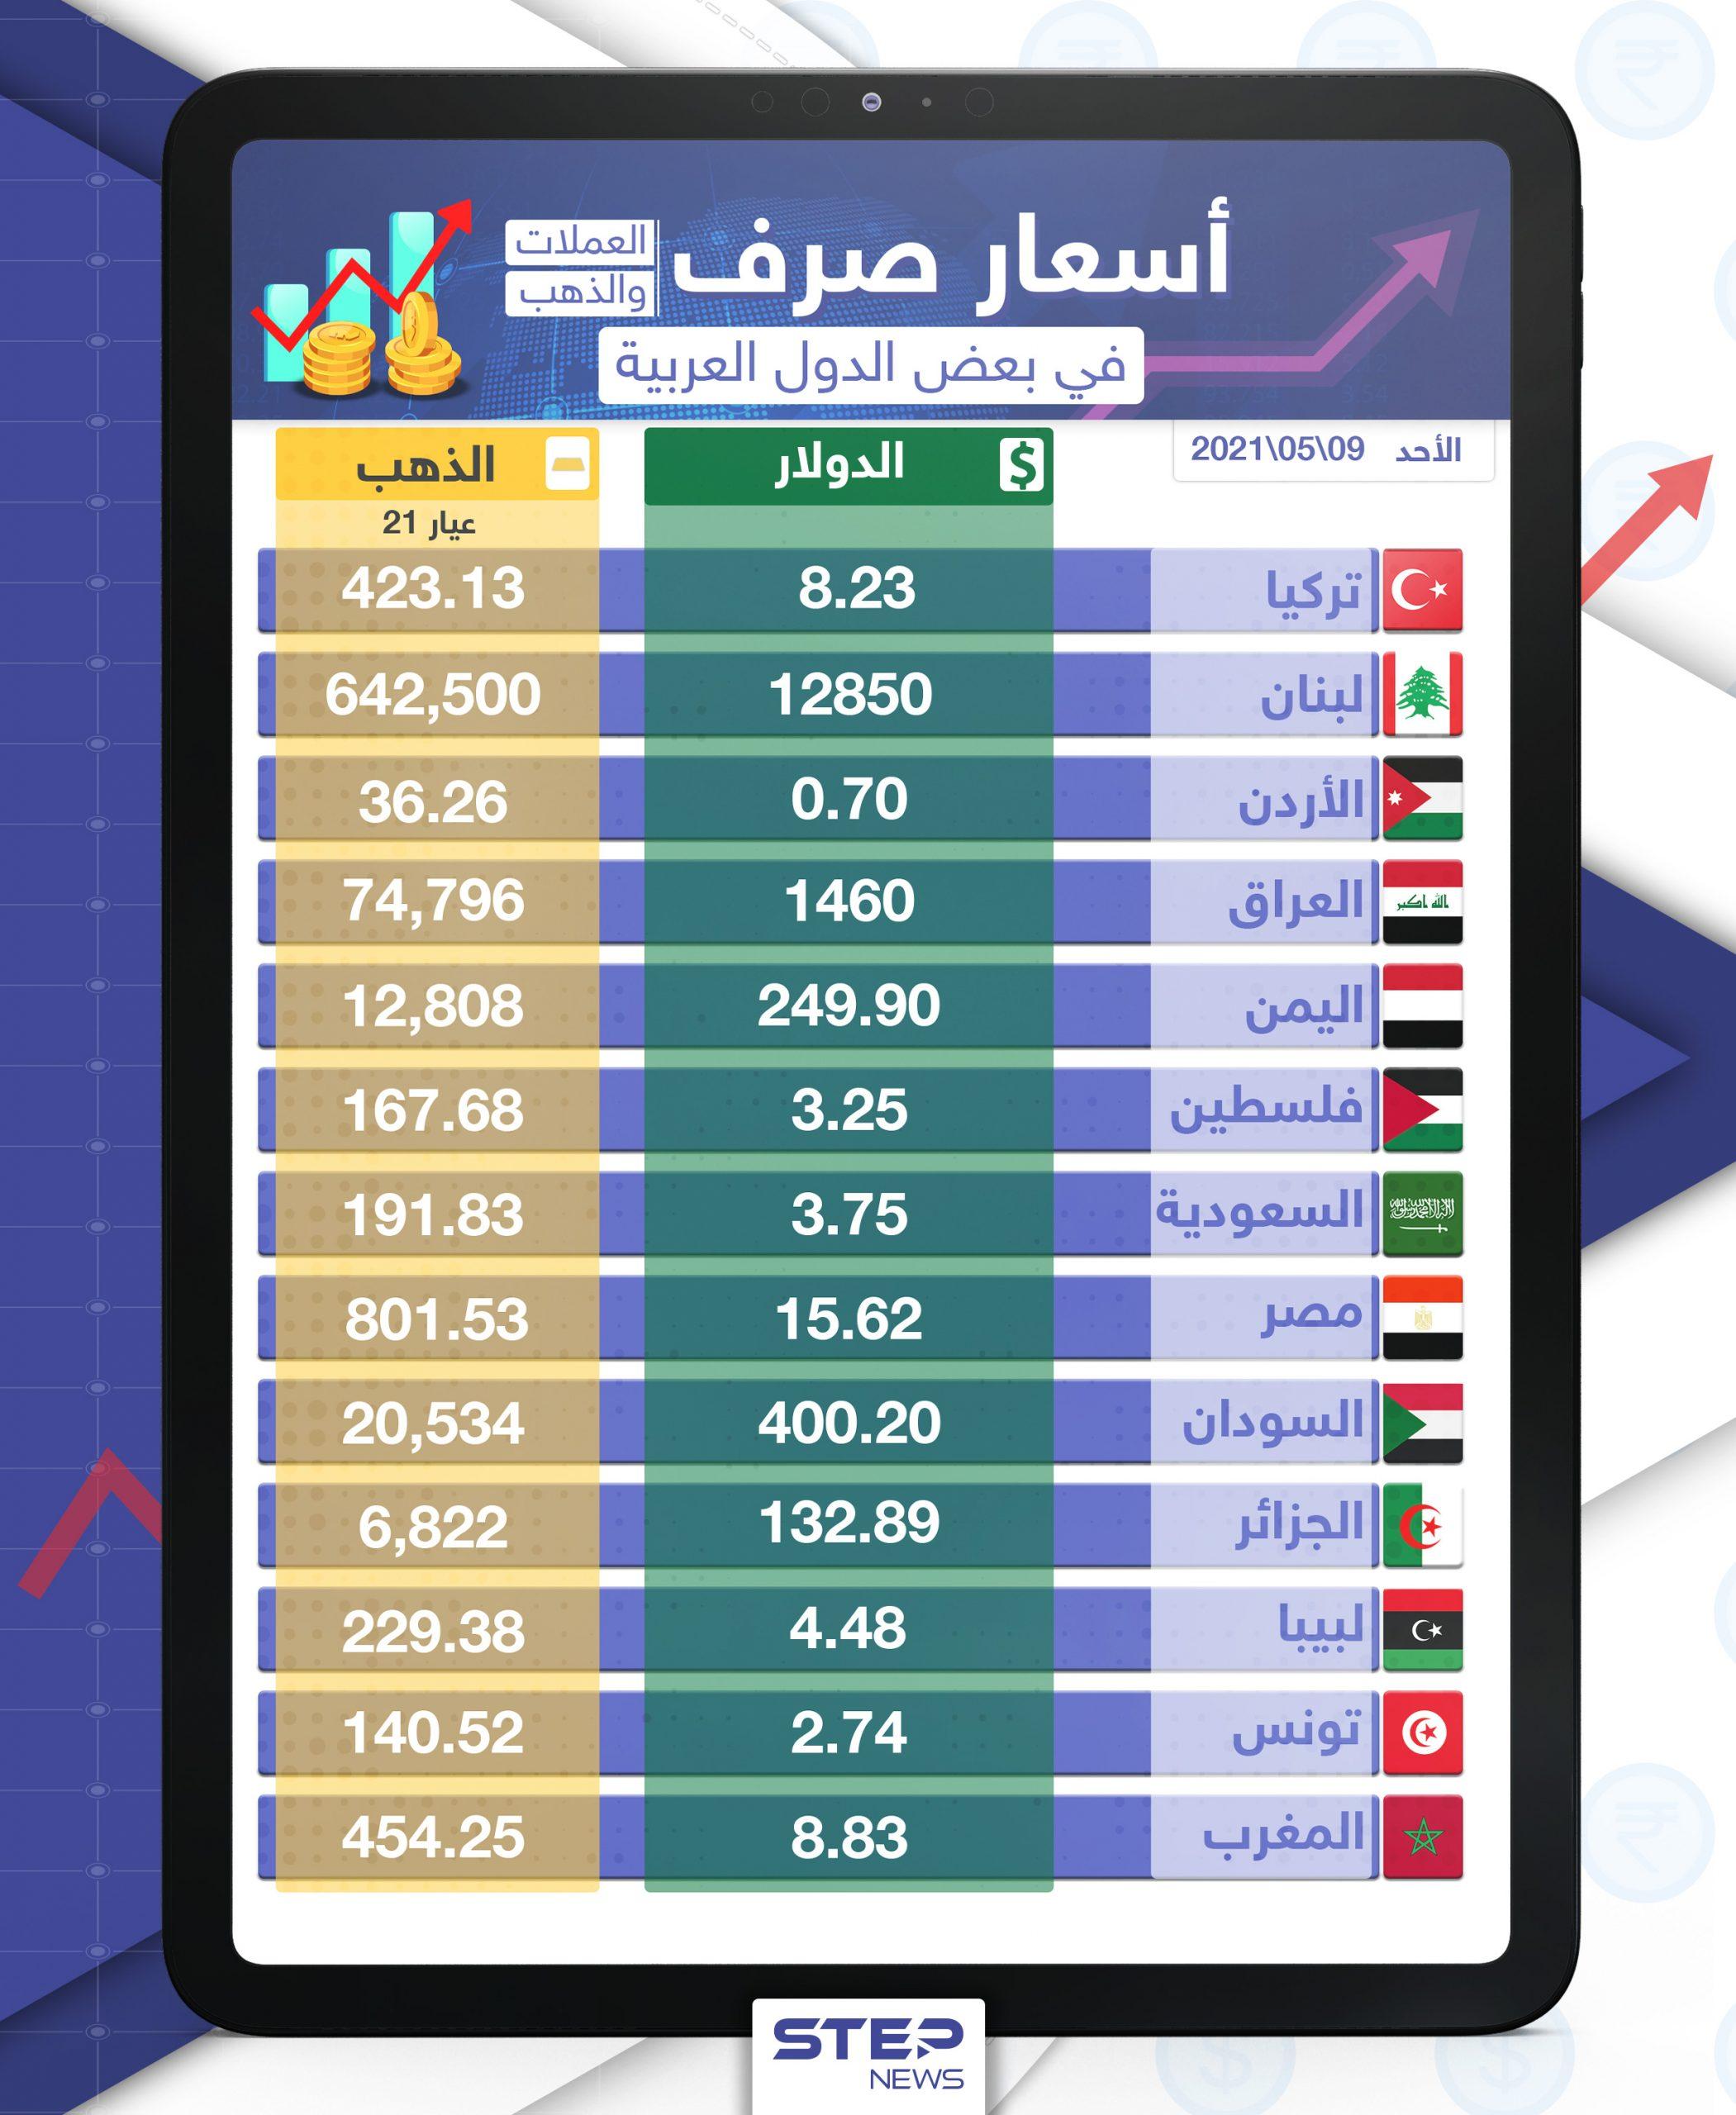 أسعار الذهب والعملات للدول العربية وتركيا اليوم الأحد الموافق 09 أيار 2021